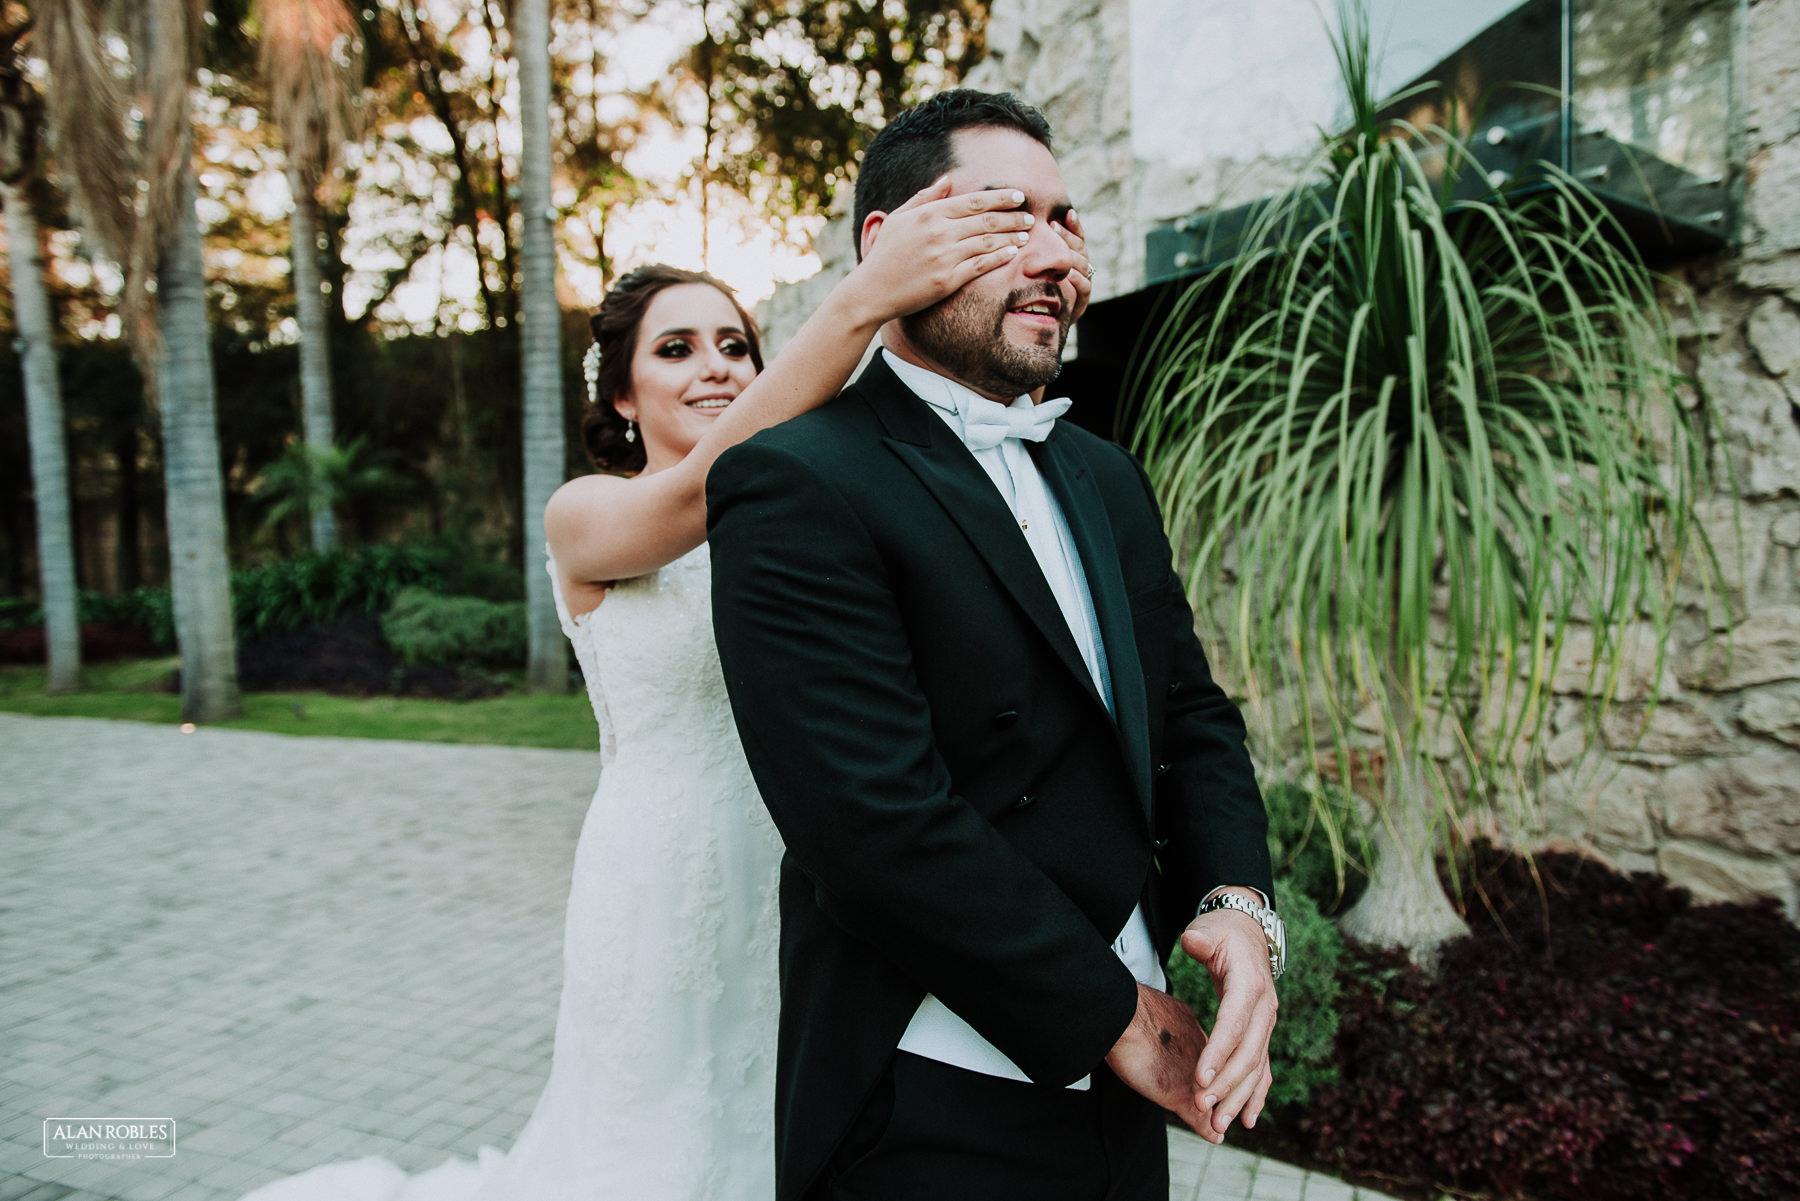 Fotografo de bodas Alan Robles-Casa Clementina Guadalajara DyA-36